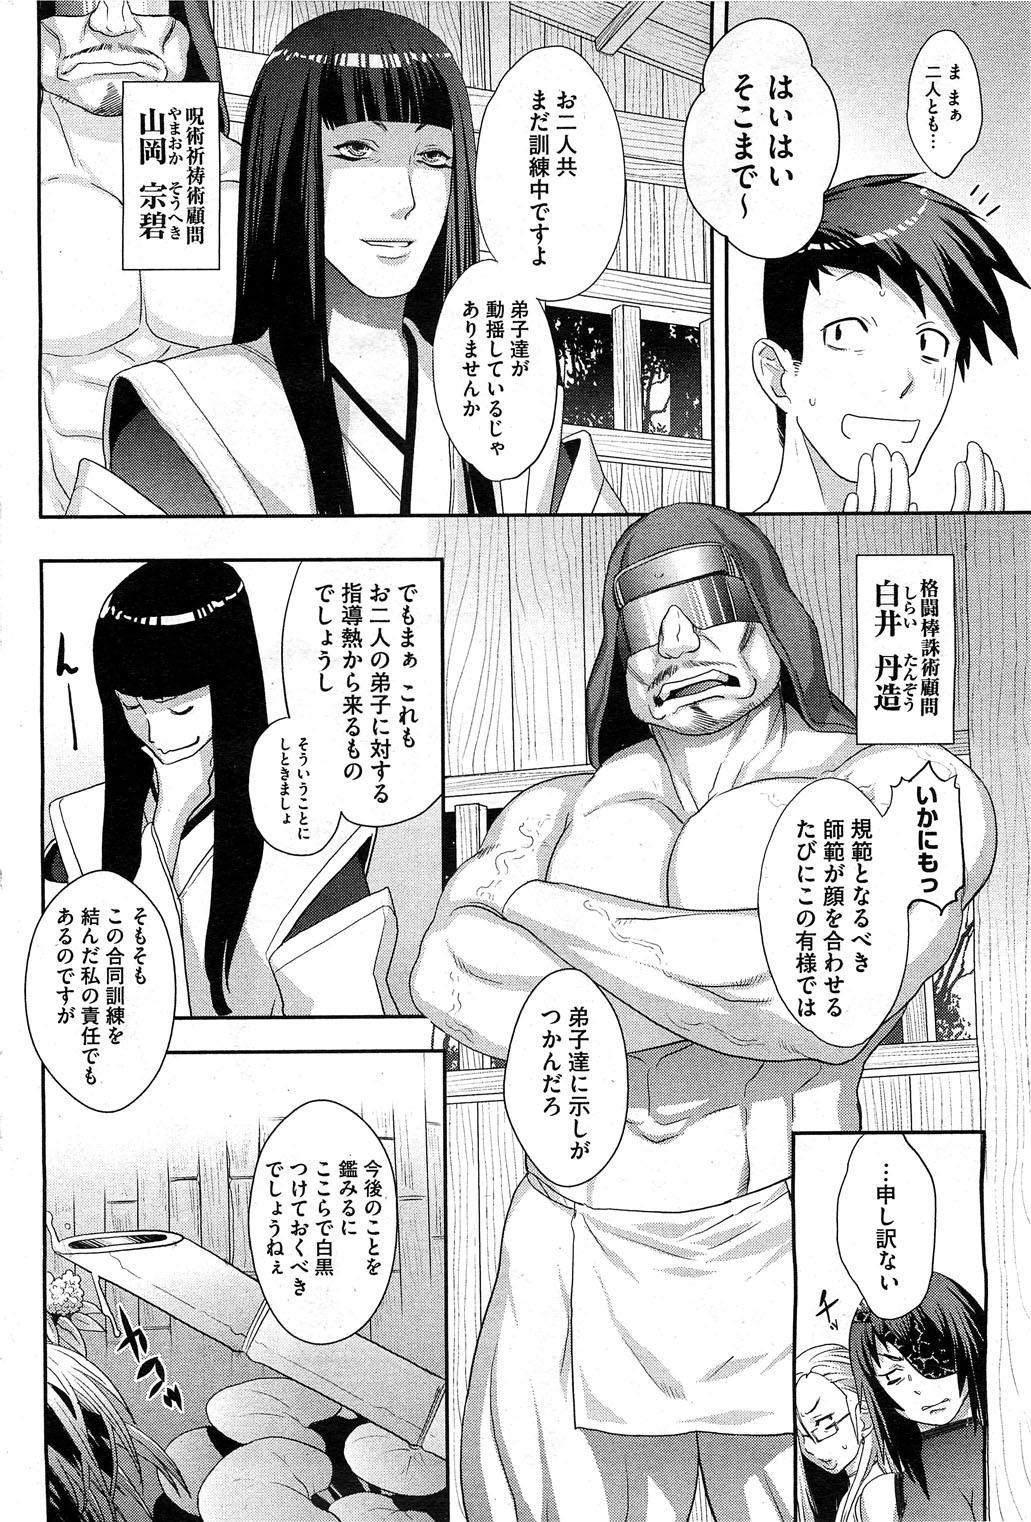 Shinobi no Bi Ch. 1-4 29